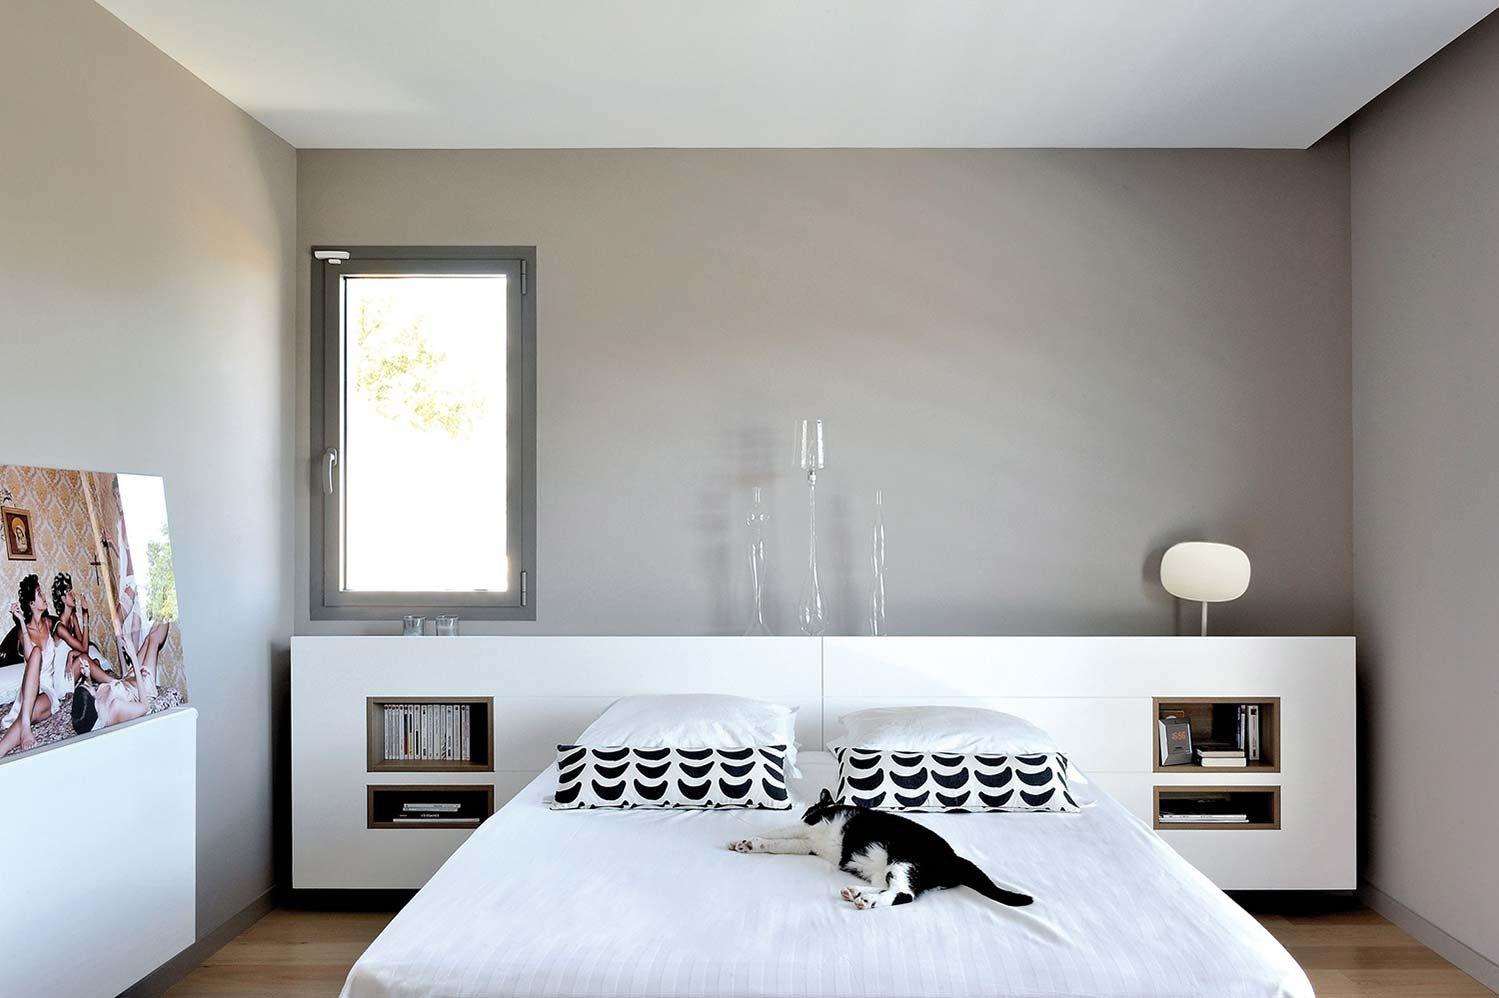 Home design exterieur und interieur rêver partager vivre son projet  bedrooms loft bedrooms and